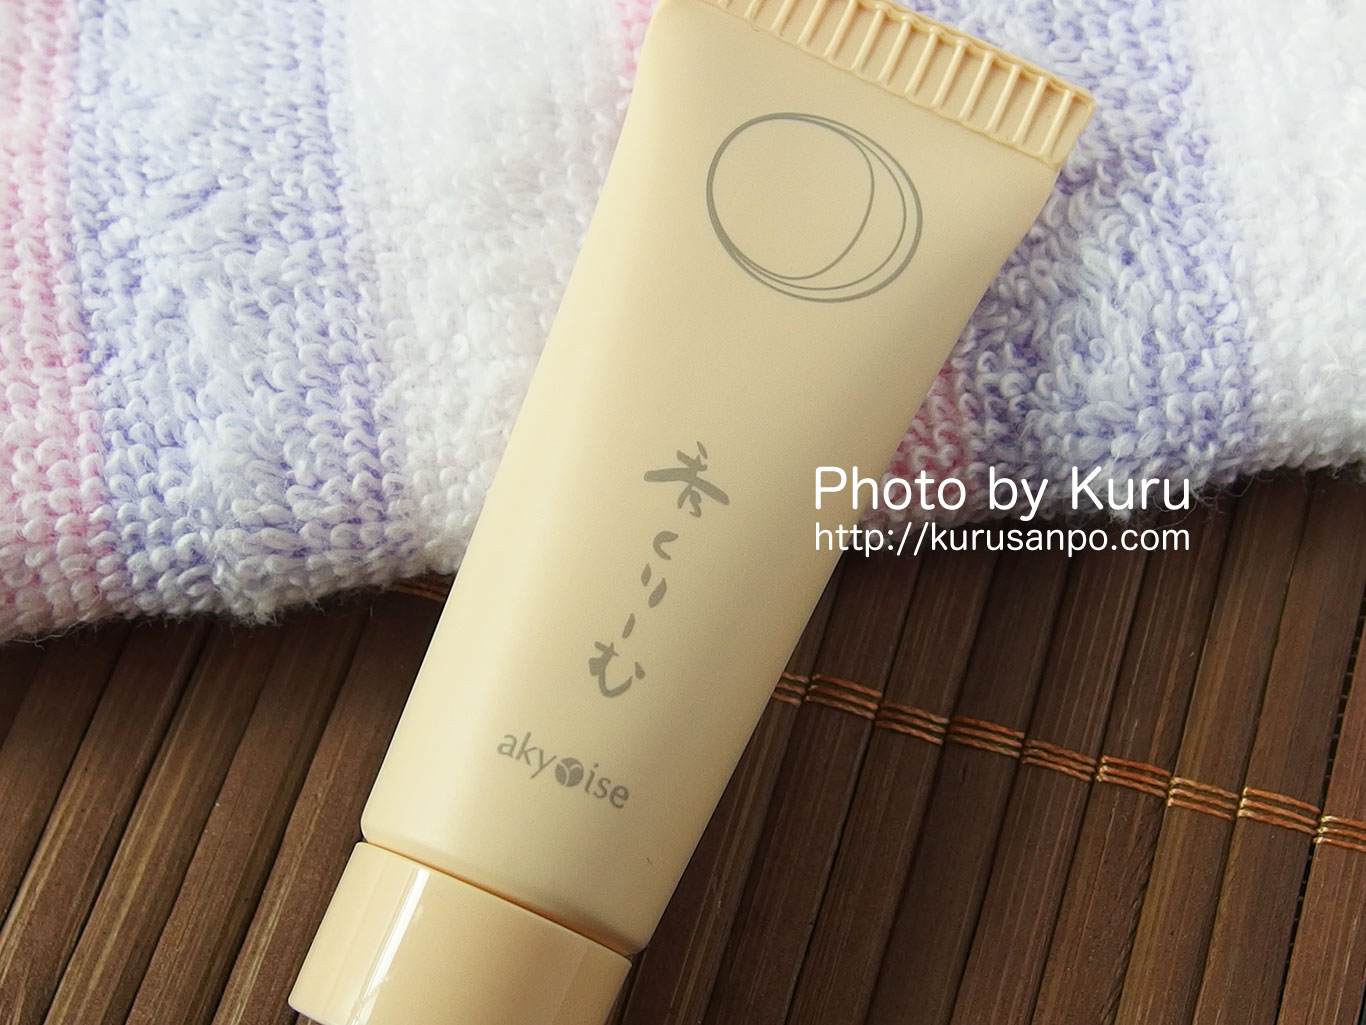 シンプルなのに贅沢なあきゅらいず美養品の『秀くりーむ』洗顔後はこれだけです♪